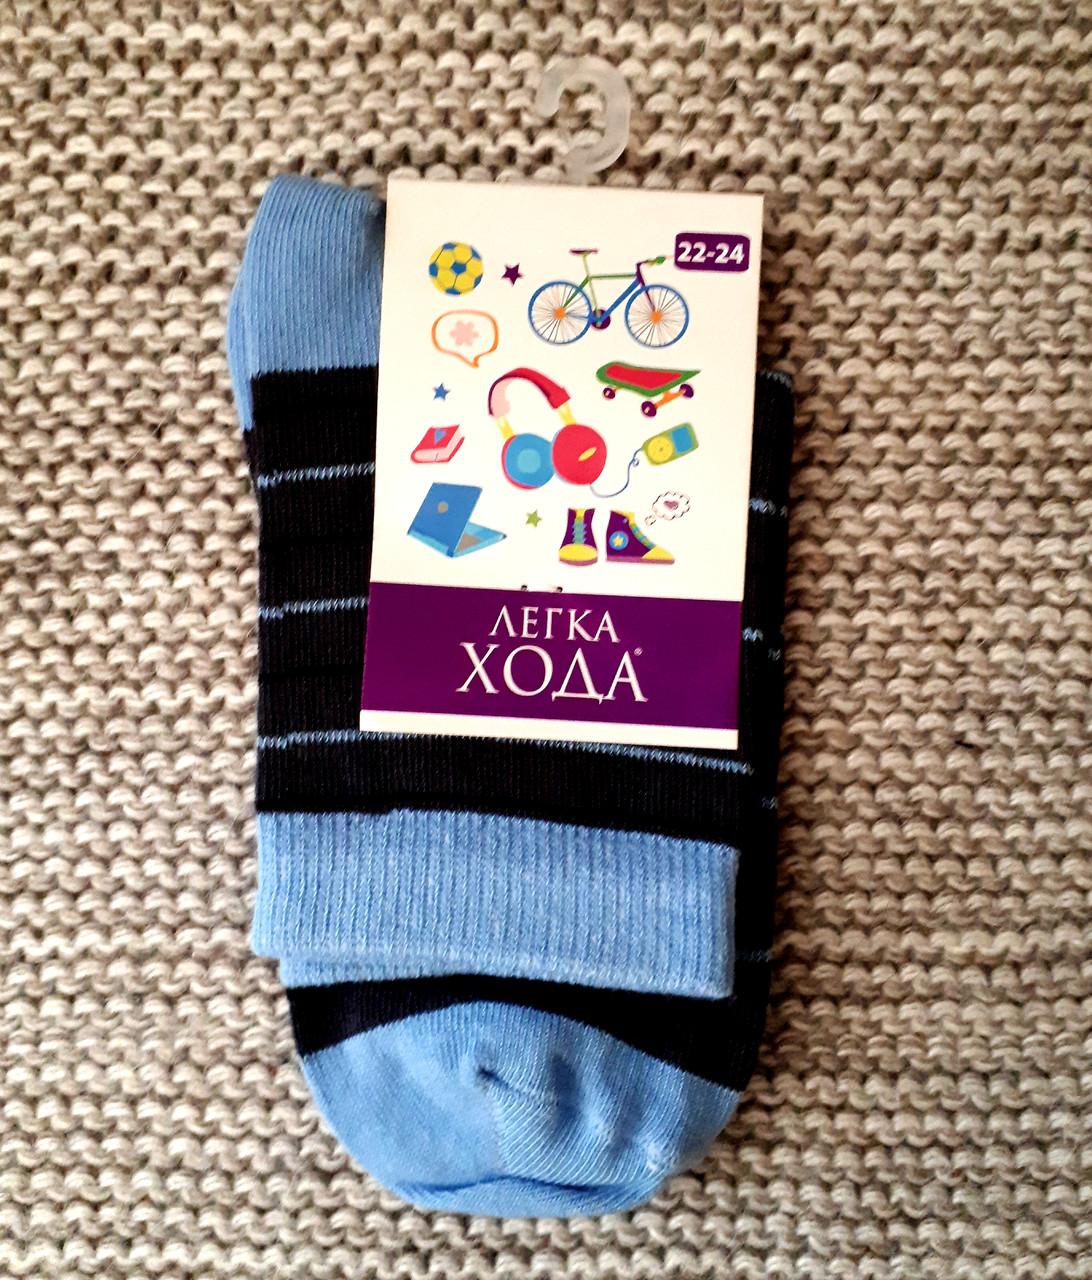 Носочки детские в полоску ТМ Легка хода  (Украина)  размер 22 24 (10 12 лет)